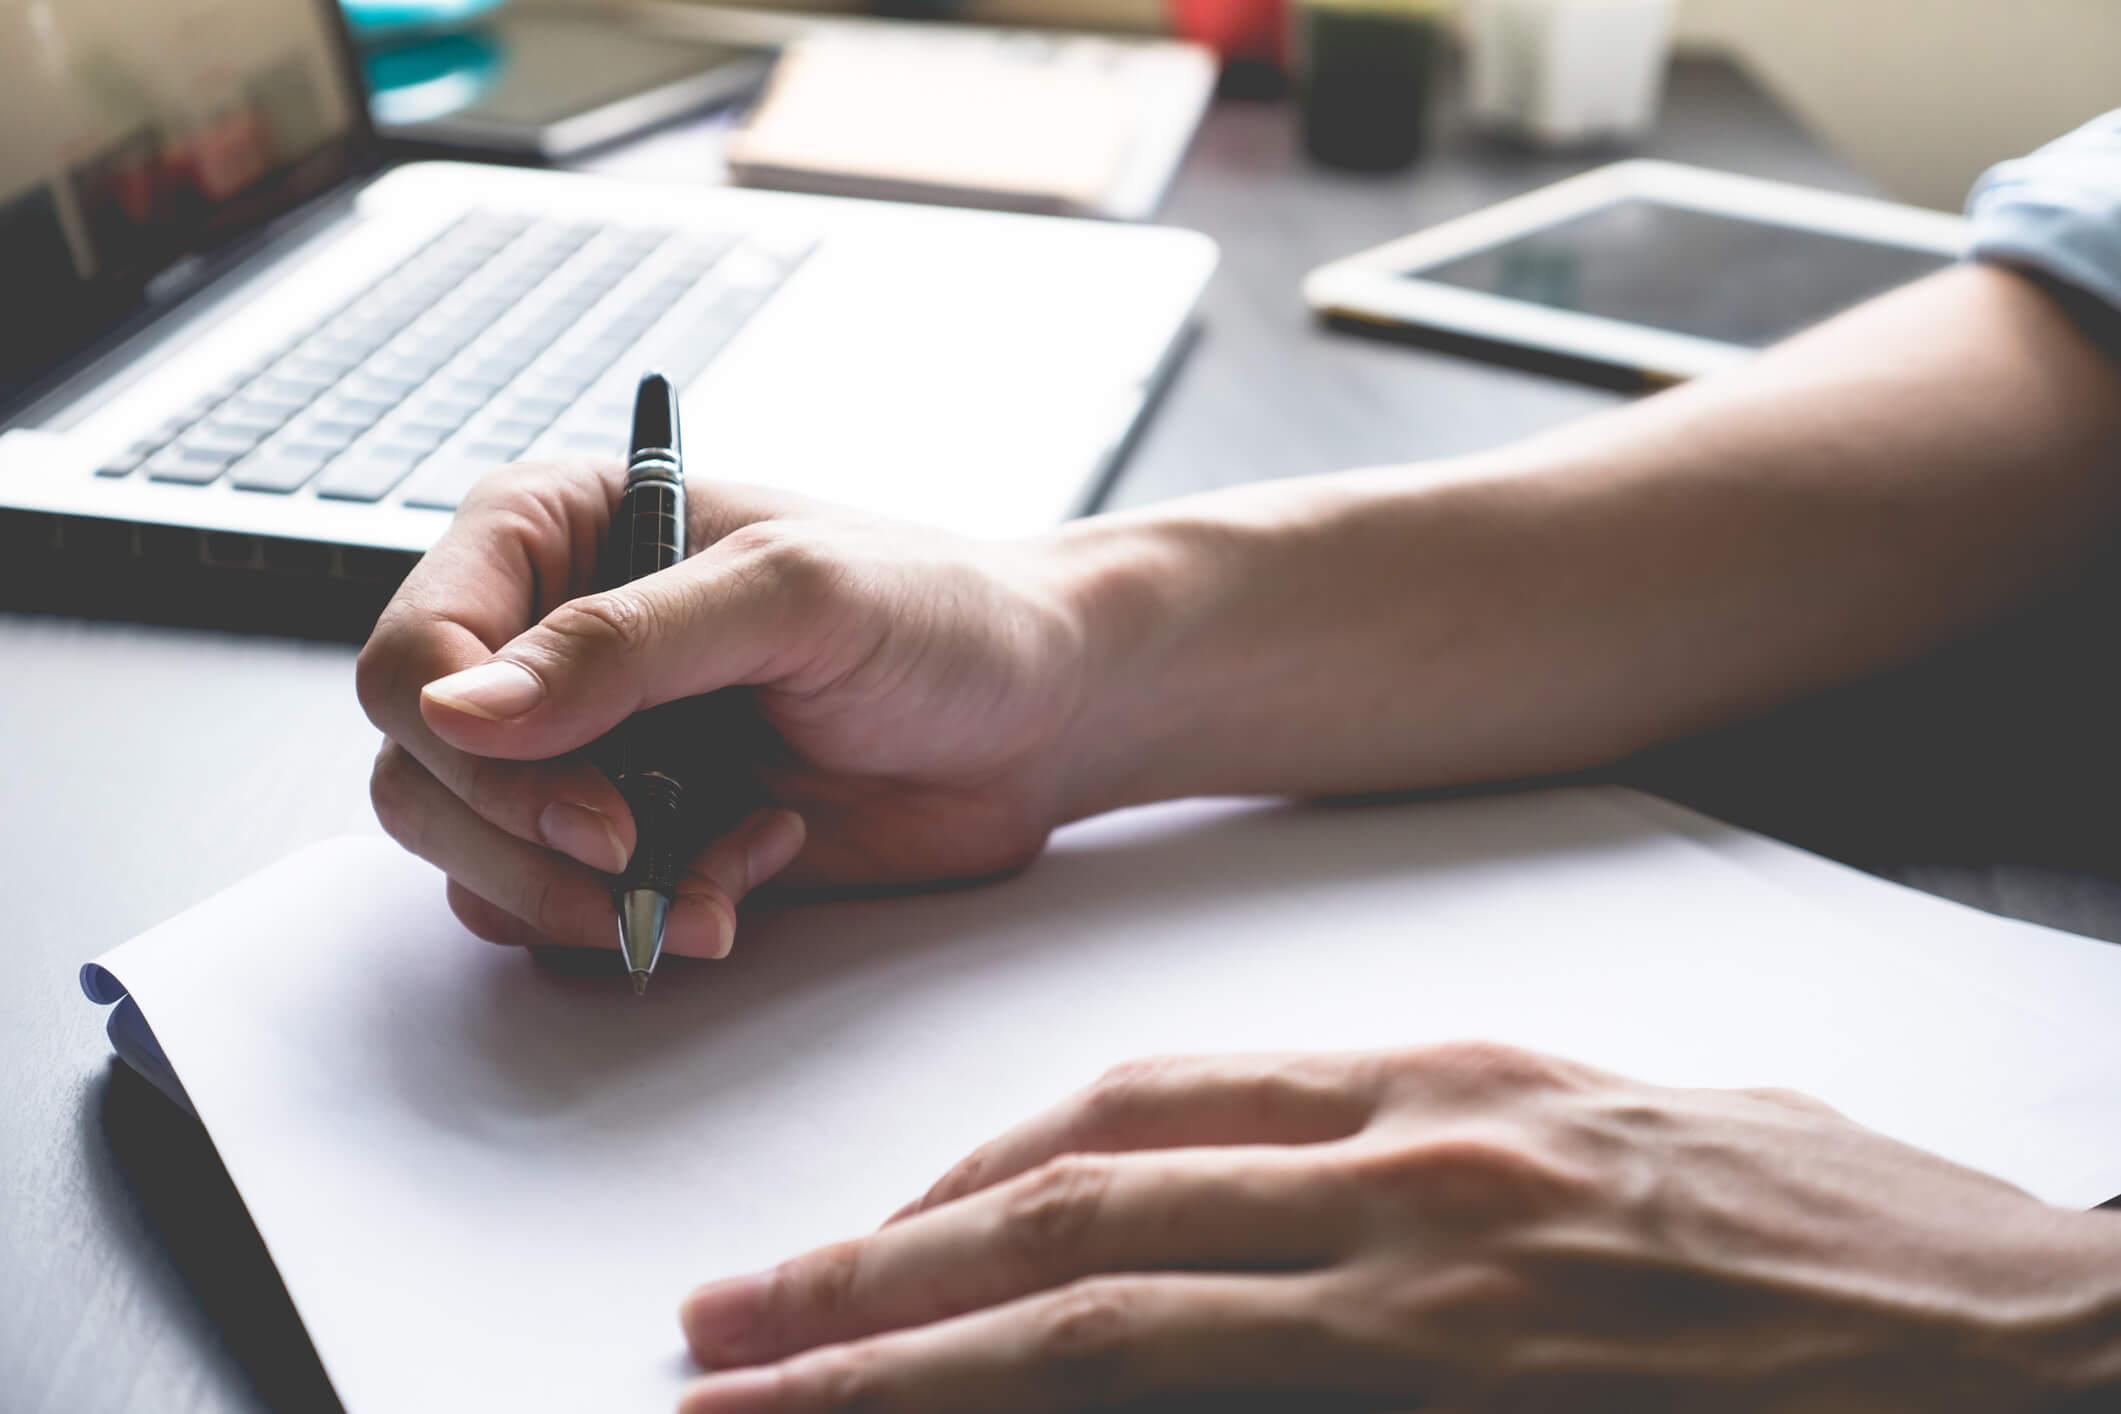 読まれるマニュアルの具体的な書き方のコツ